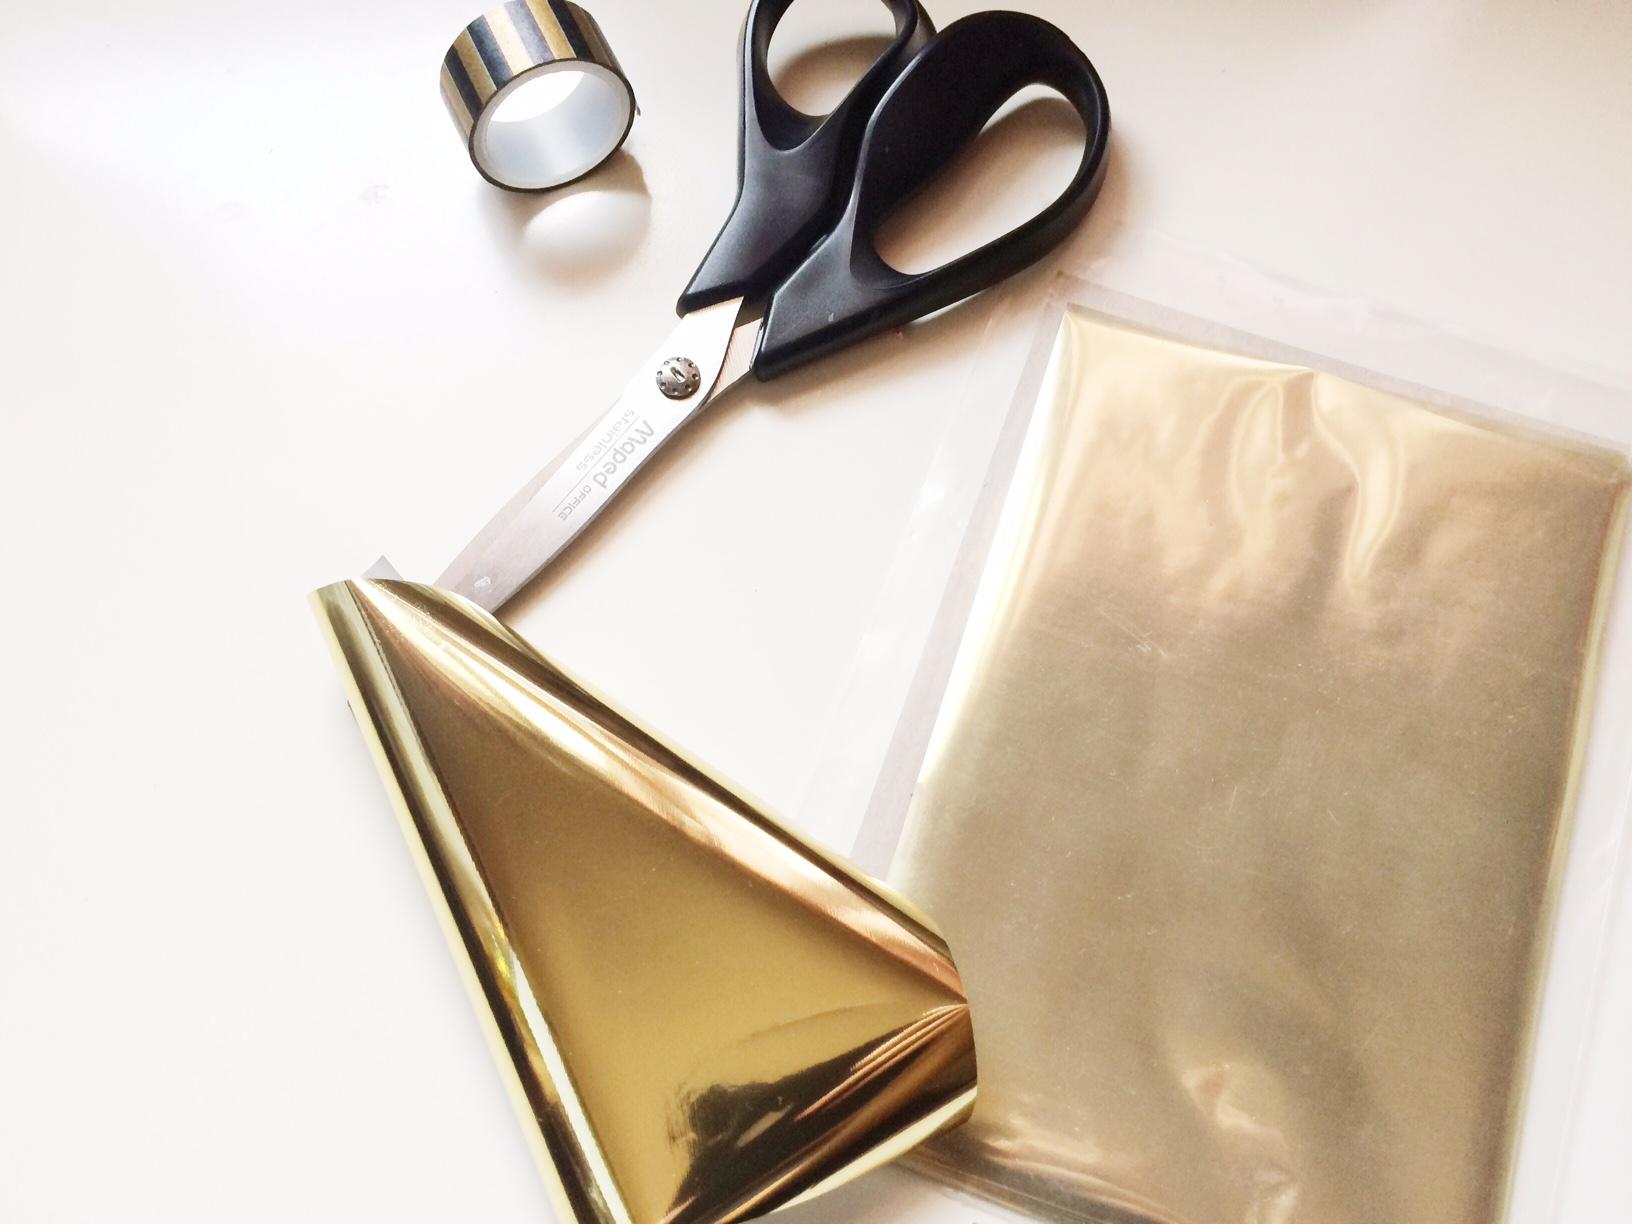 2_gold-foil_materials.jpg